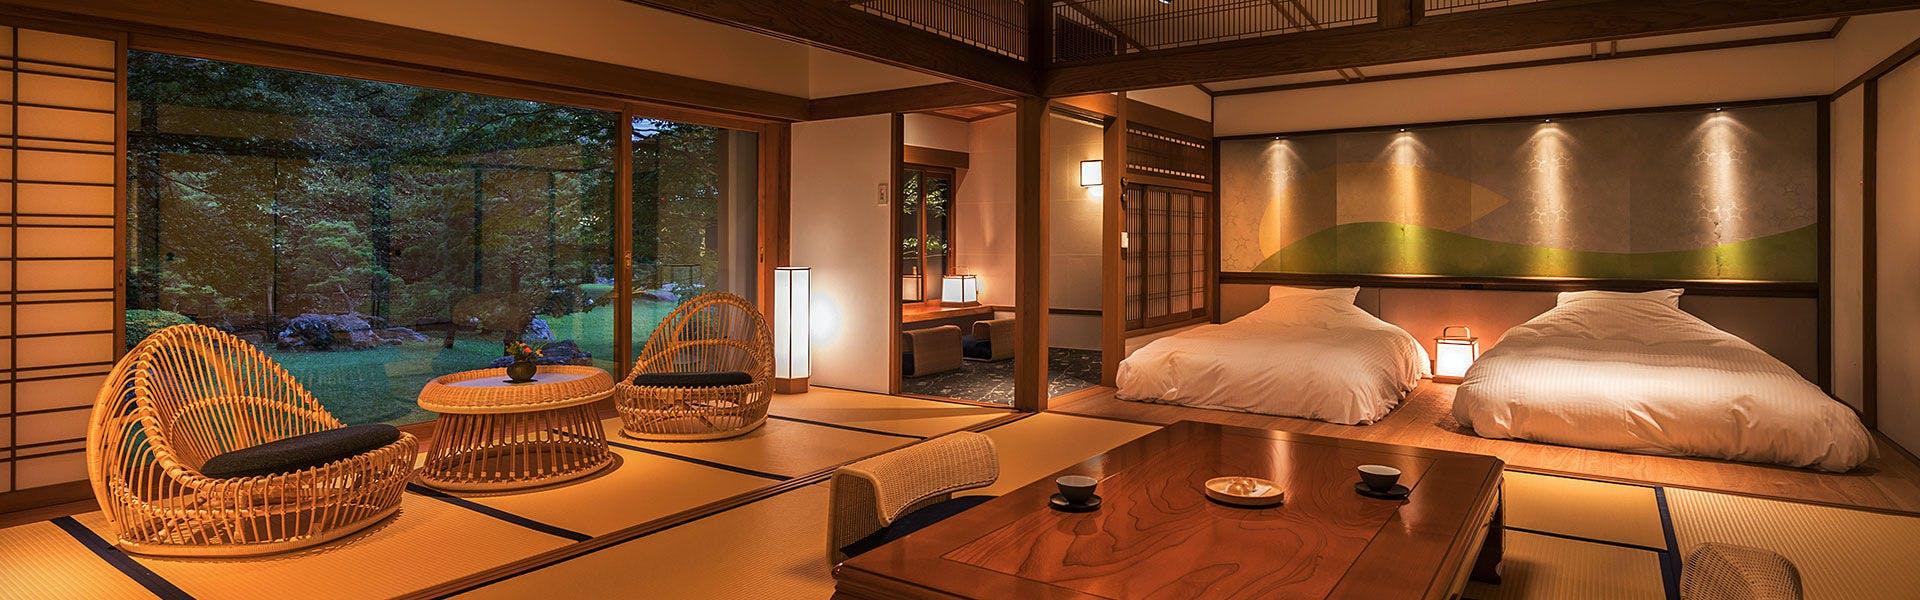 記念日におすすめのホテル・【原鶴温泉 パーレンス小野屋】の写真2